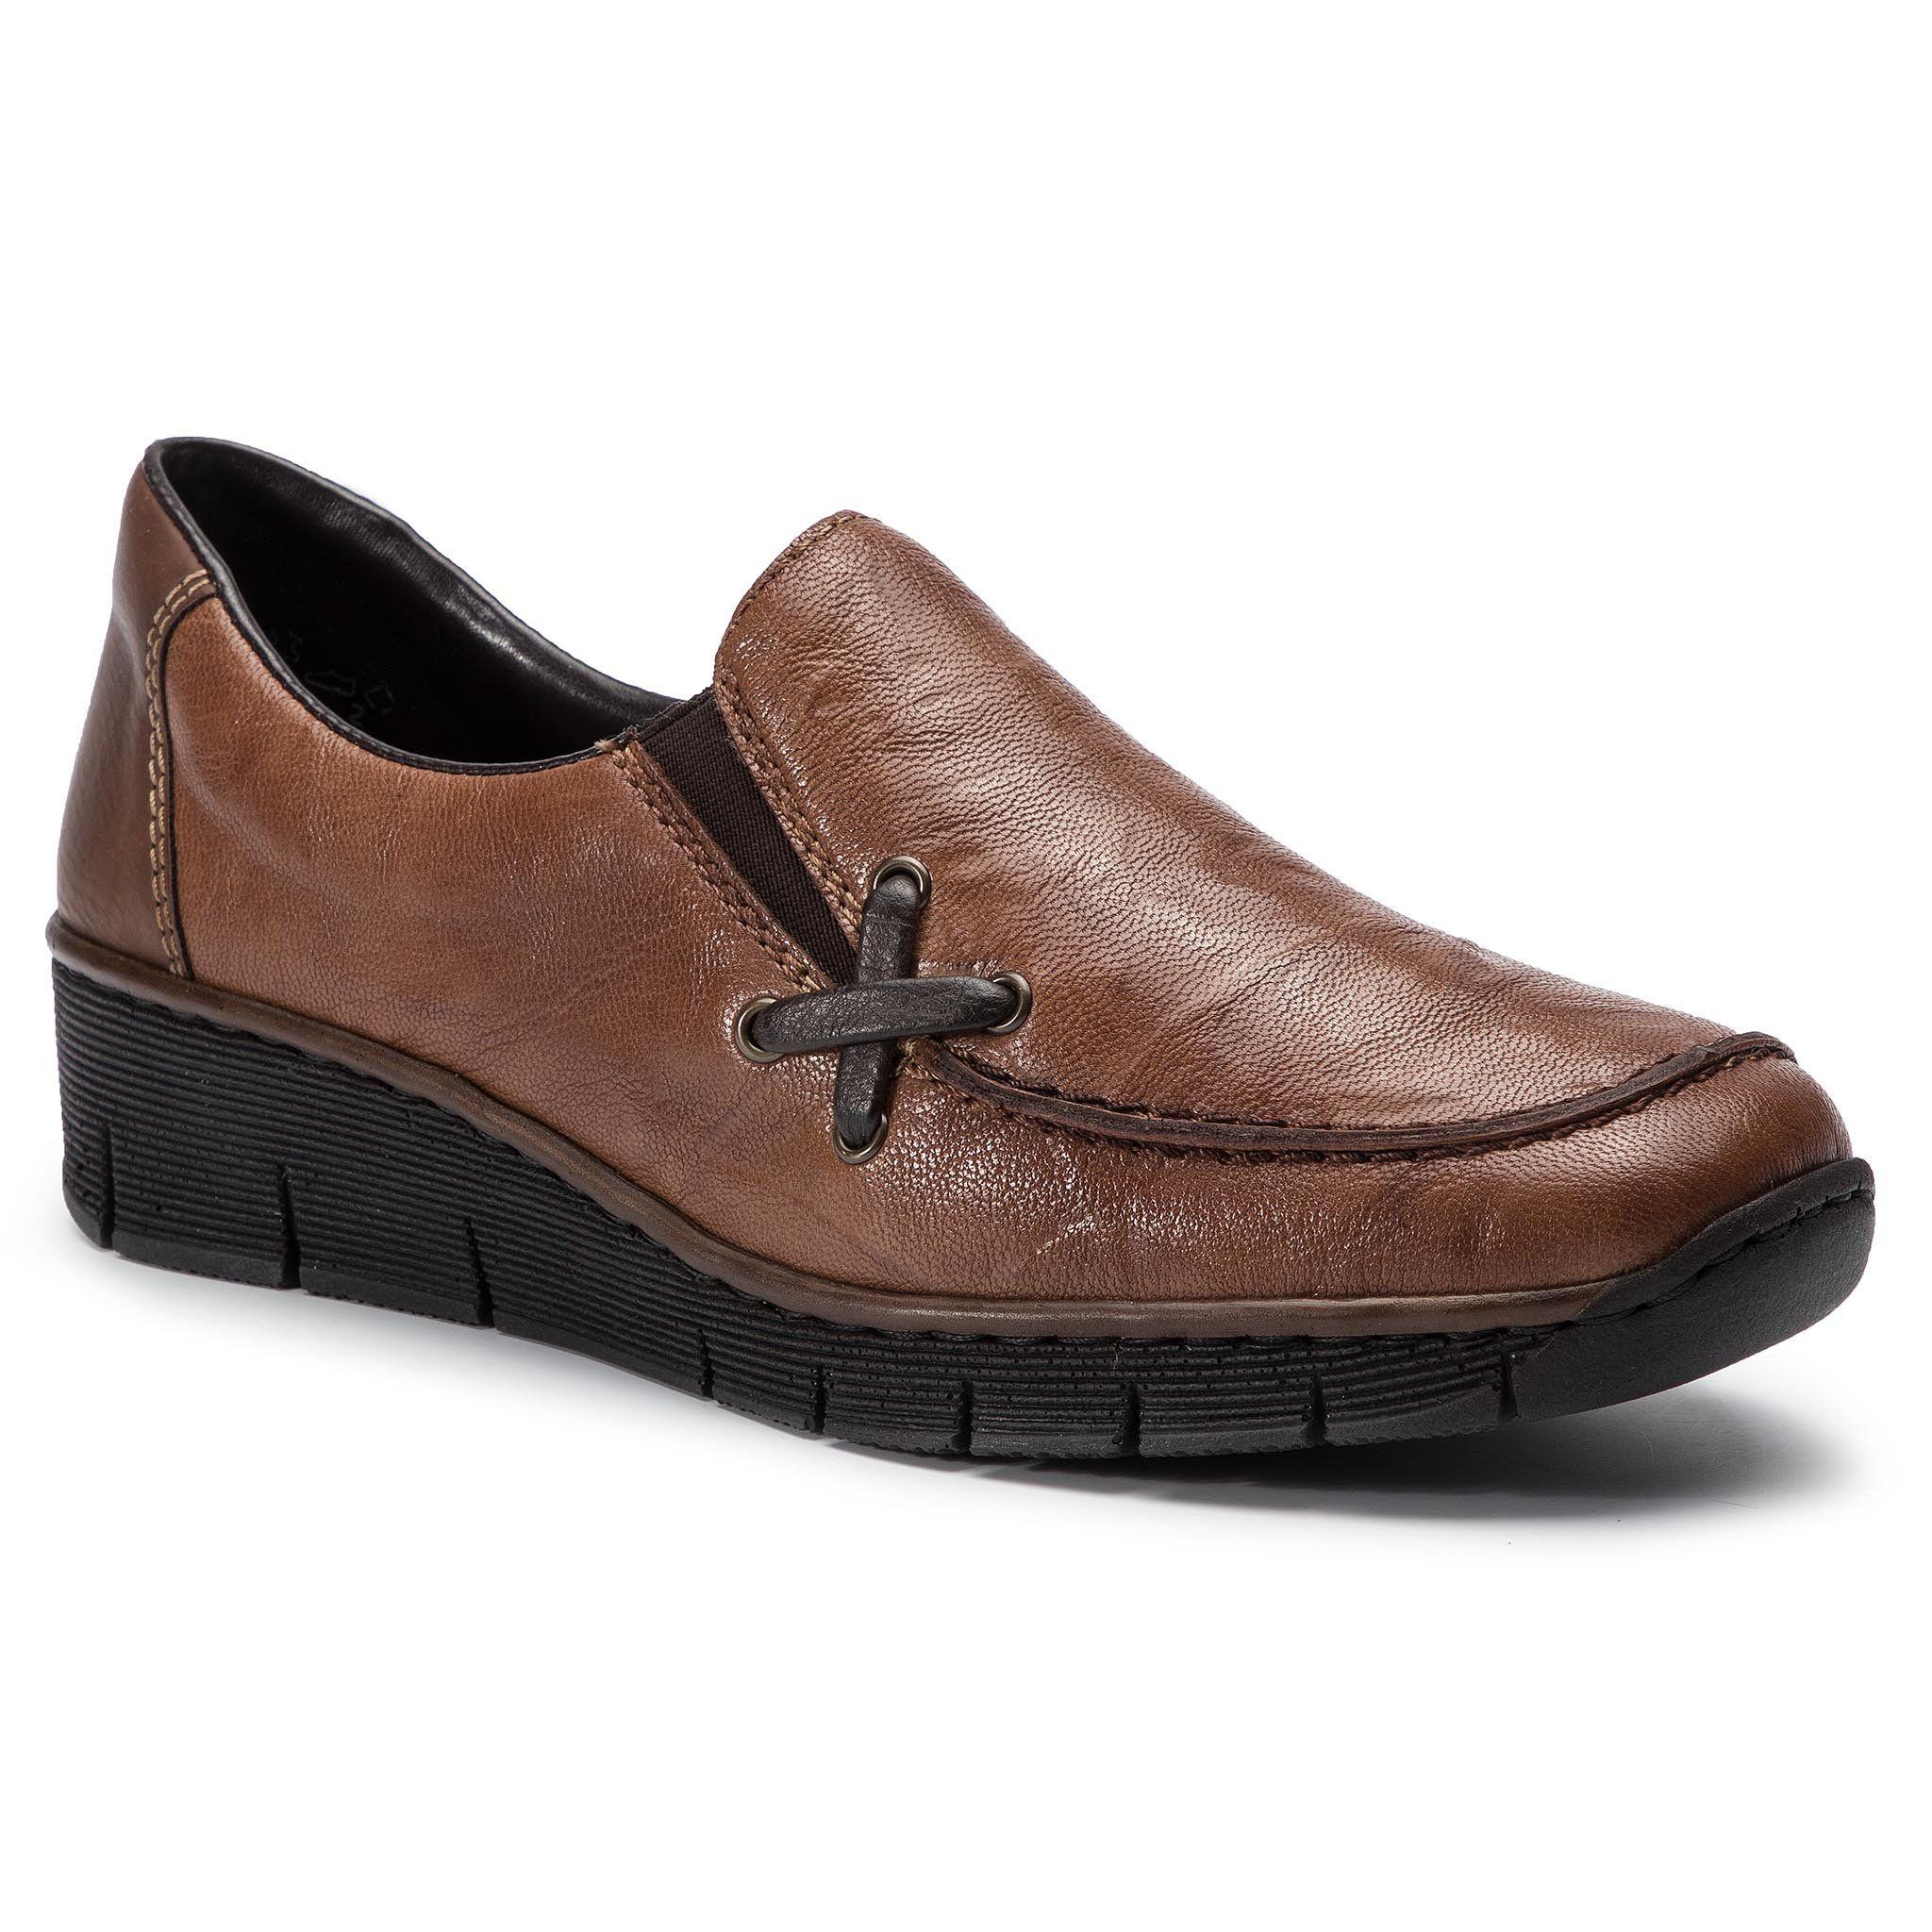 Wybierz Polbuty Rieker 53783 22 Brazowy I Zaskakuj Stylem Przekonaj Sie Ze Moda I Wygoda Ida W Parze Gwarancja Atra Dress Shoes Men Loafers Men Oxford Shoes